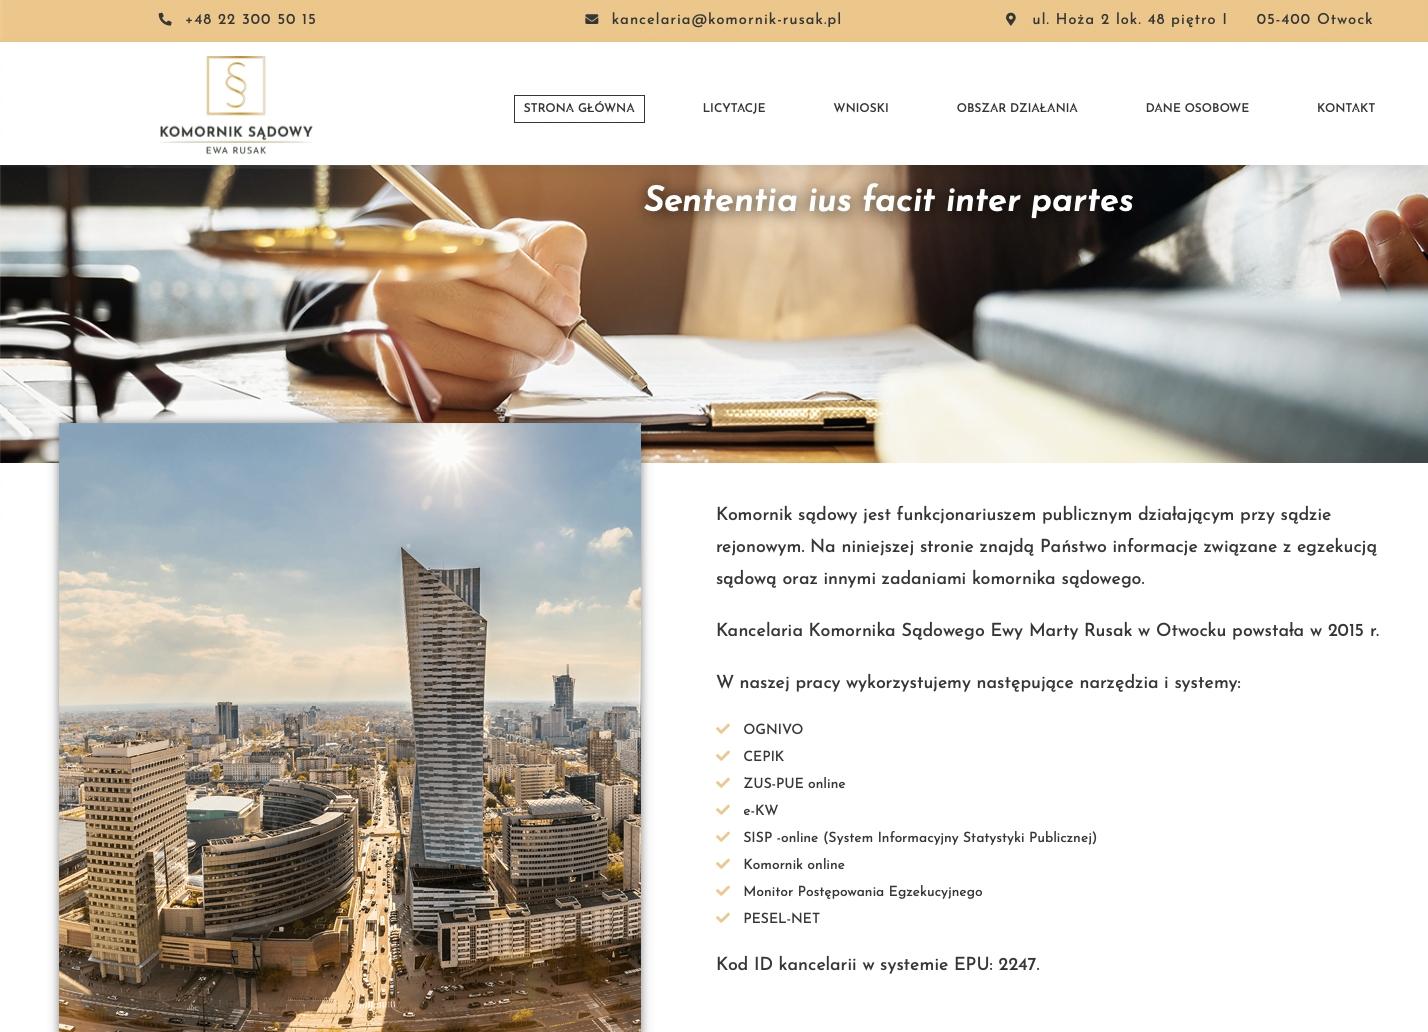 Realizacja strony internetowej - komornik-rusak.pl